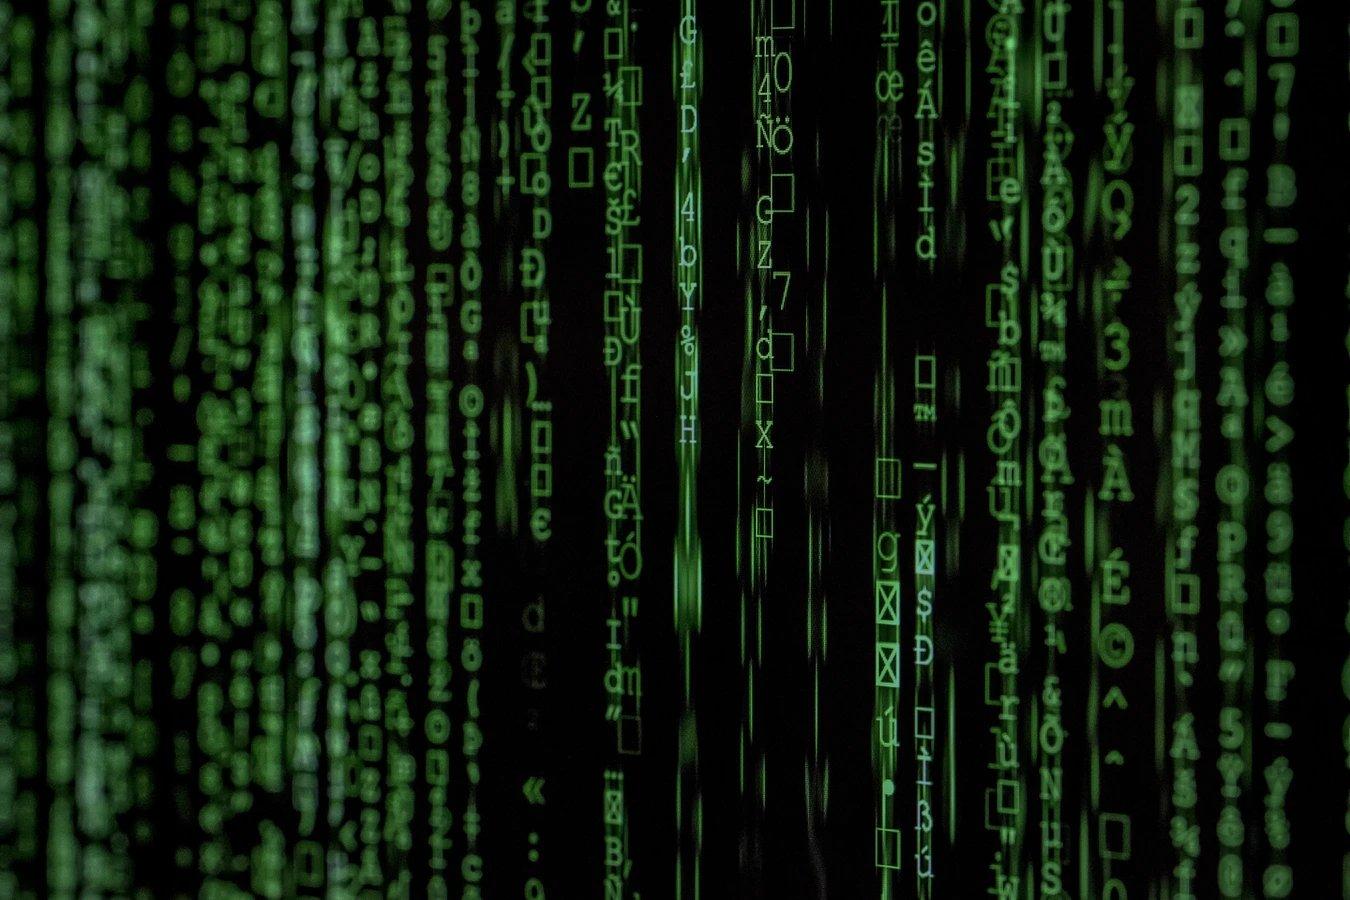 malware em código